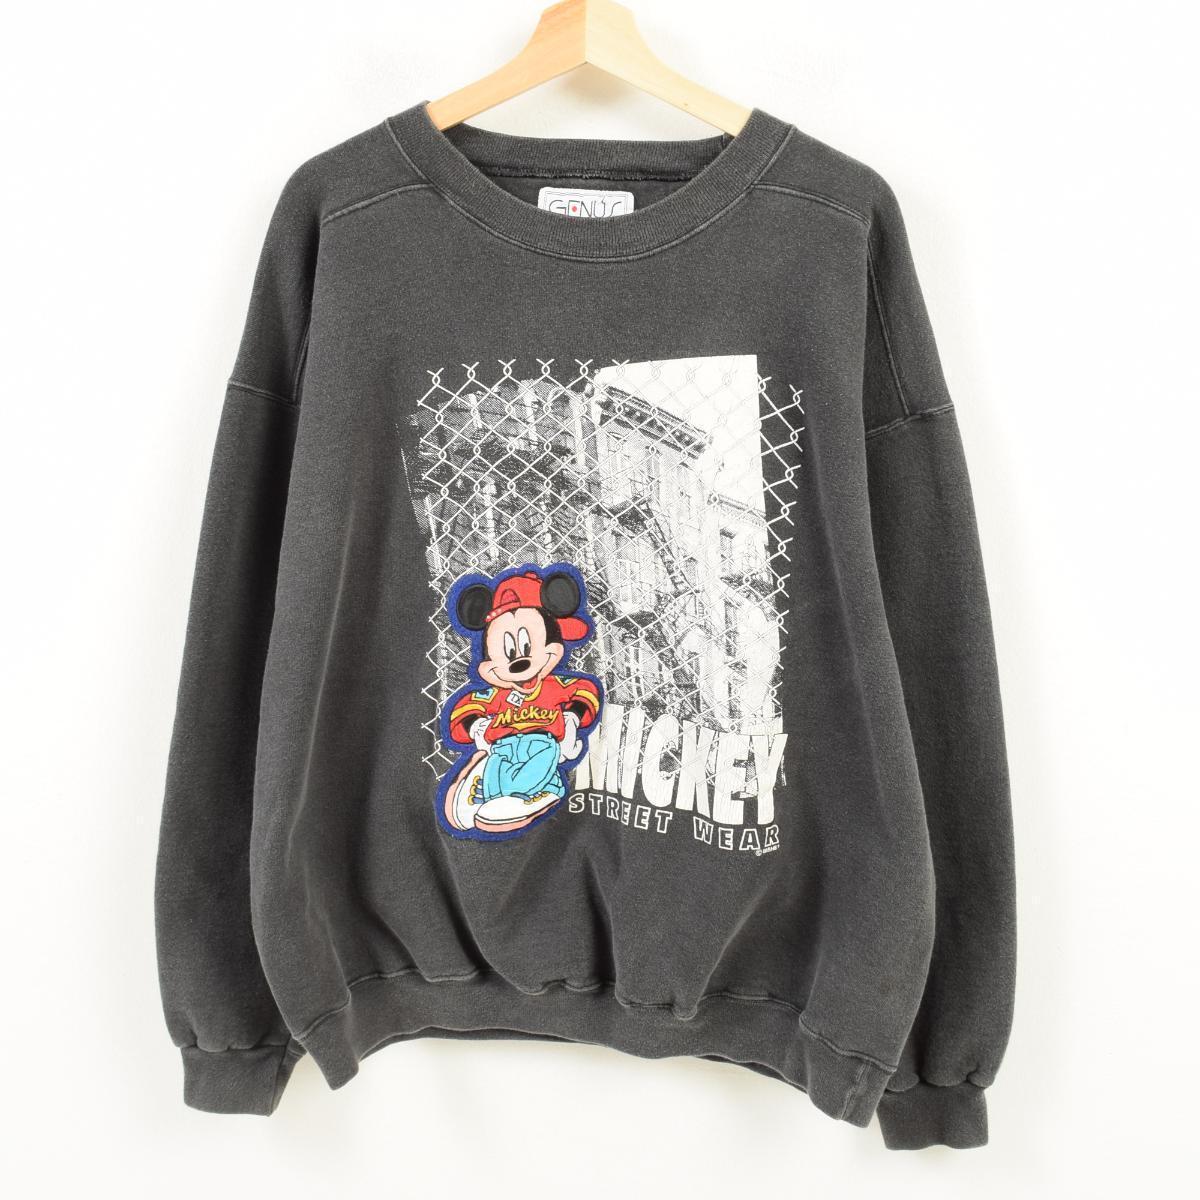 GENUS MICKEY MOUSE ミッキーマウス キャラクタースウェットシャツ トレーナー USA製 フリーサイズ /wan5646 【中古】 【180330】